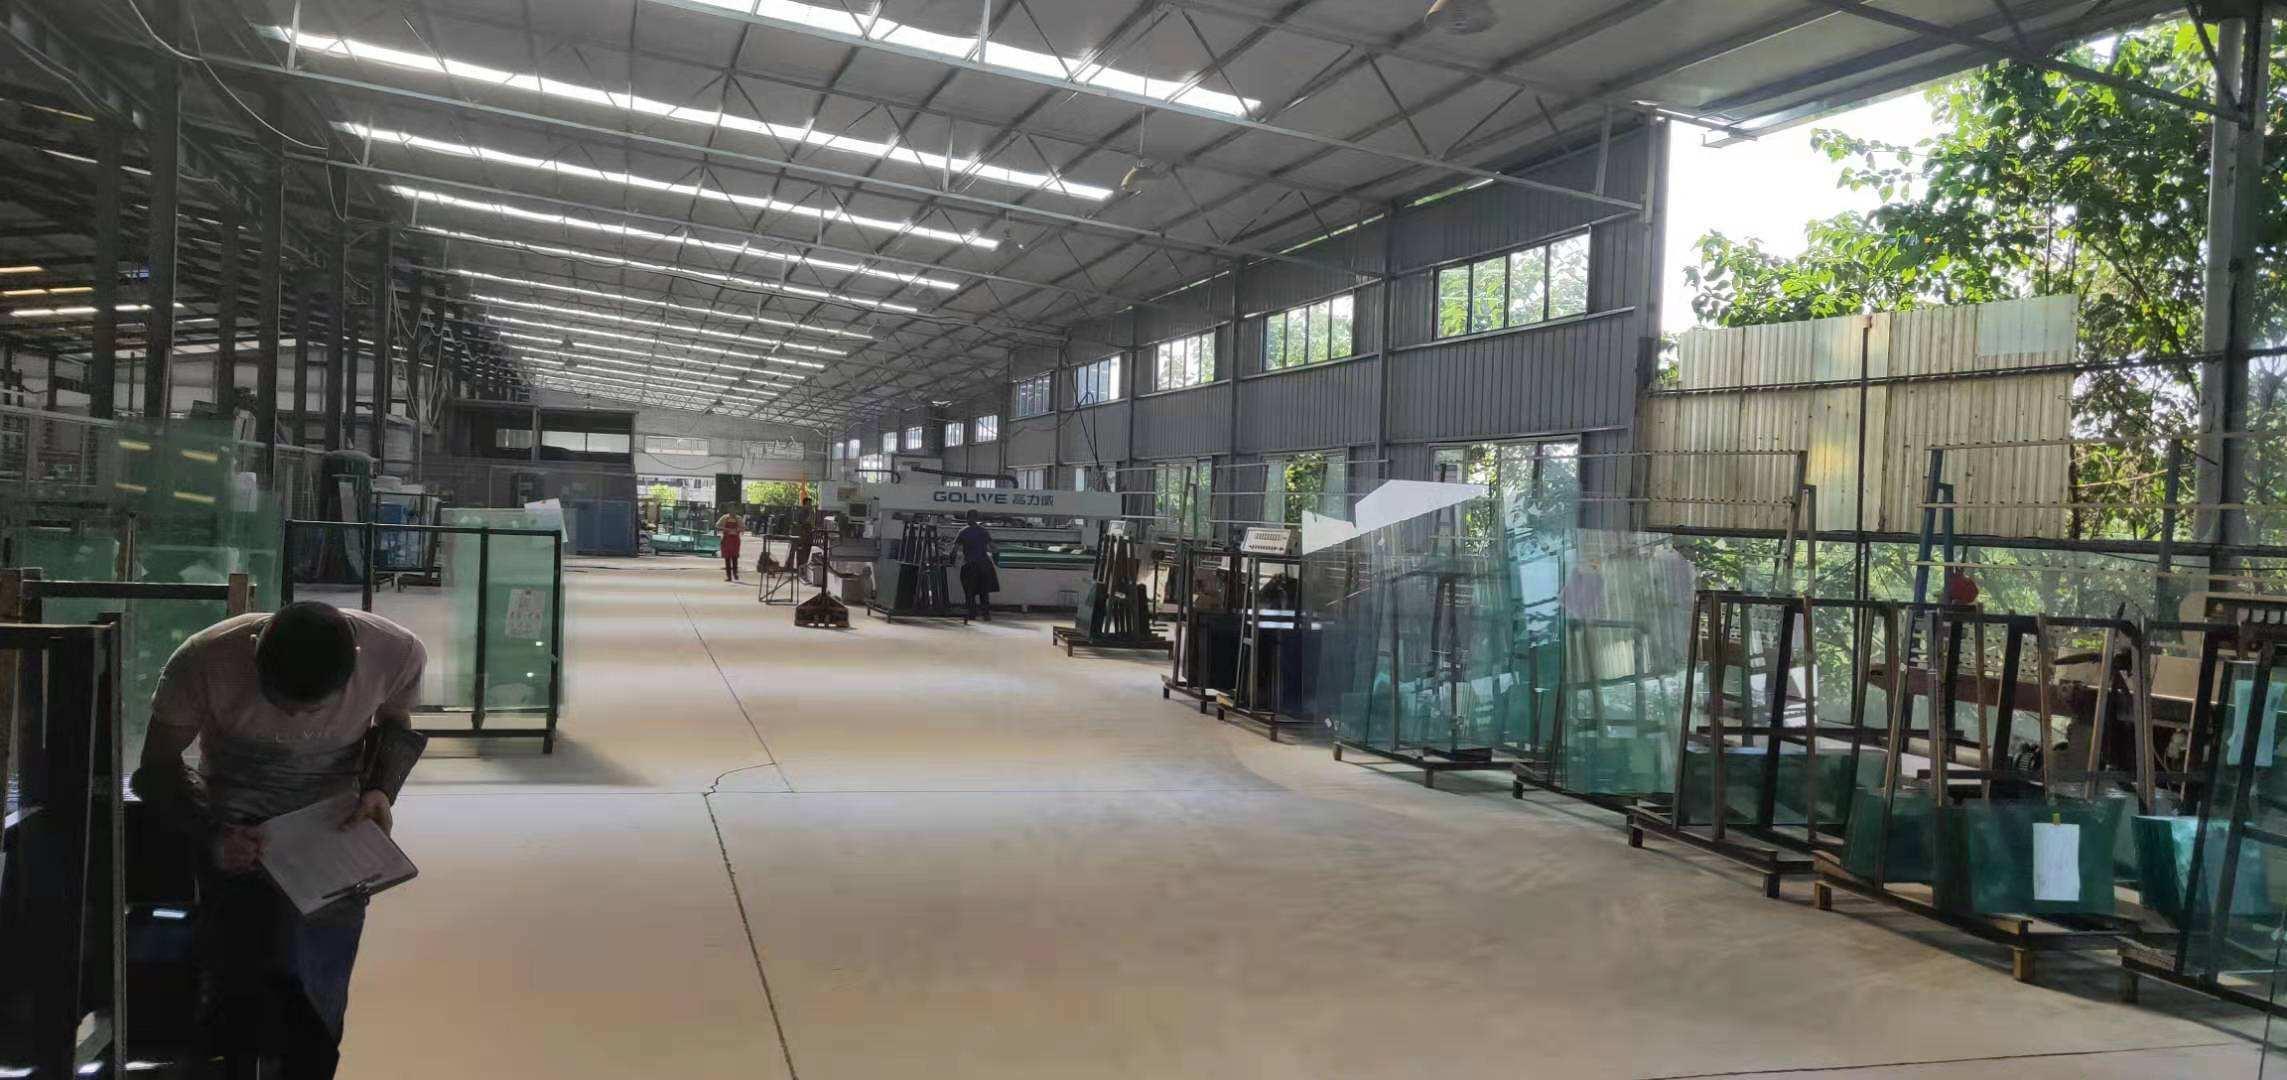 信义二线900吨复产,华南地区beplay官方授权现货行情或受影响